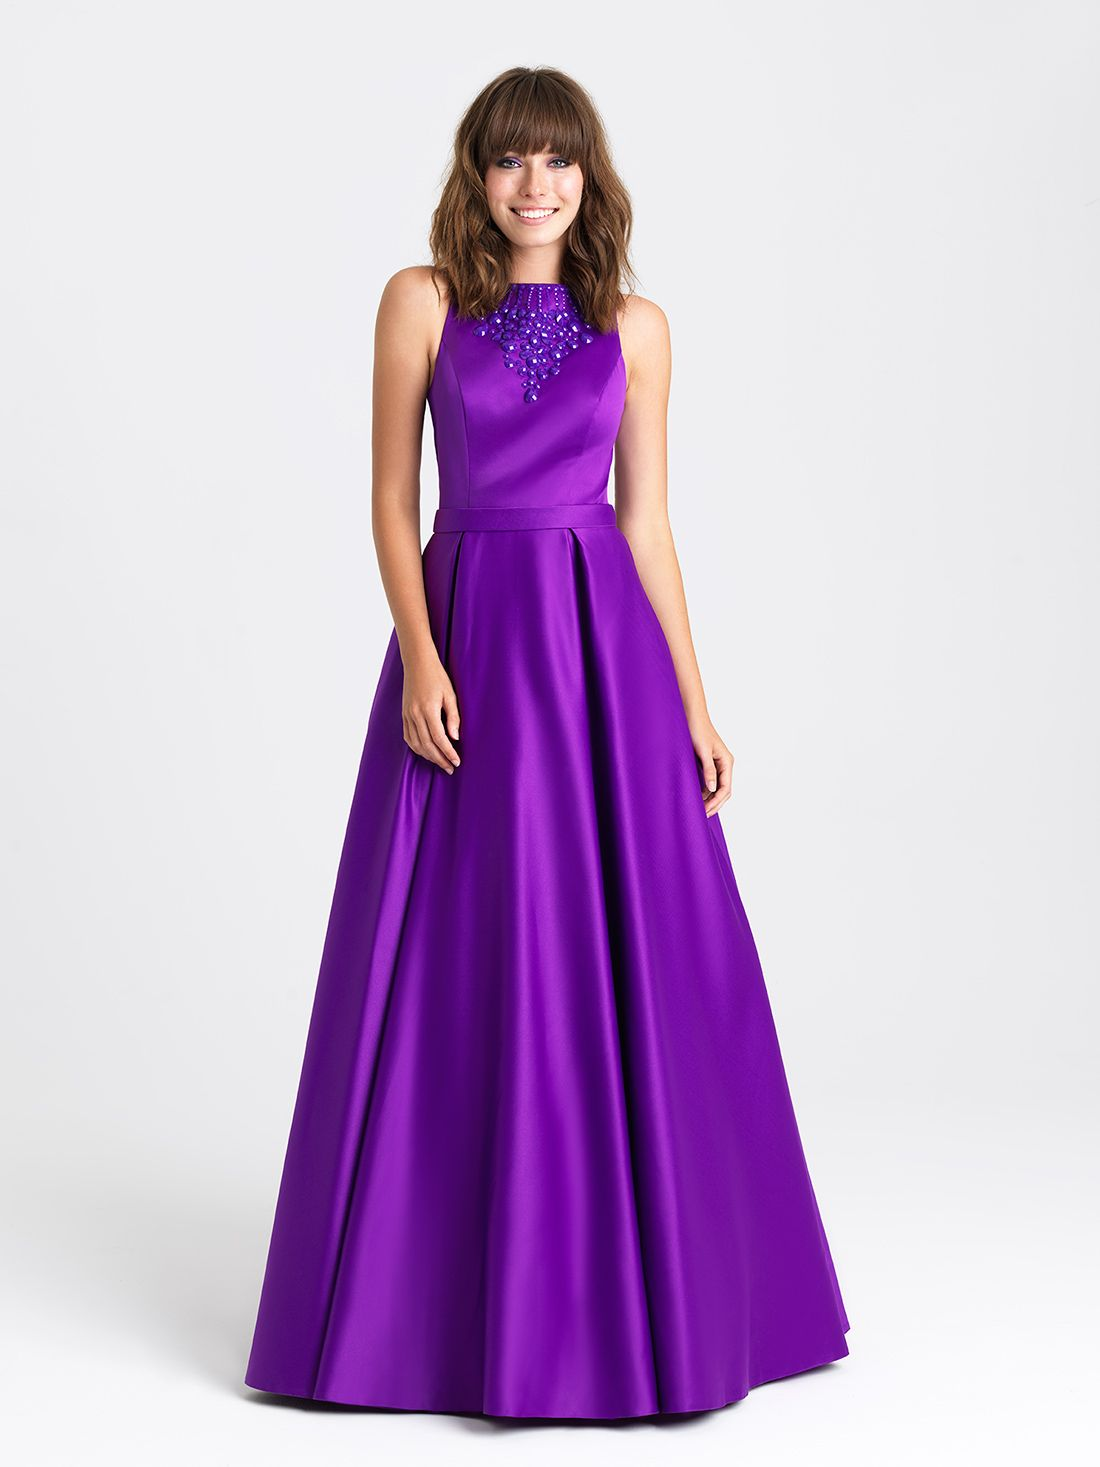 Vestidos elegantes - Trajes para fiesta rectos y evasé | Vestido ...